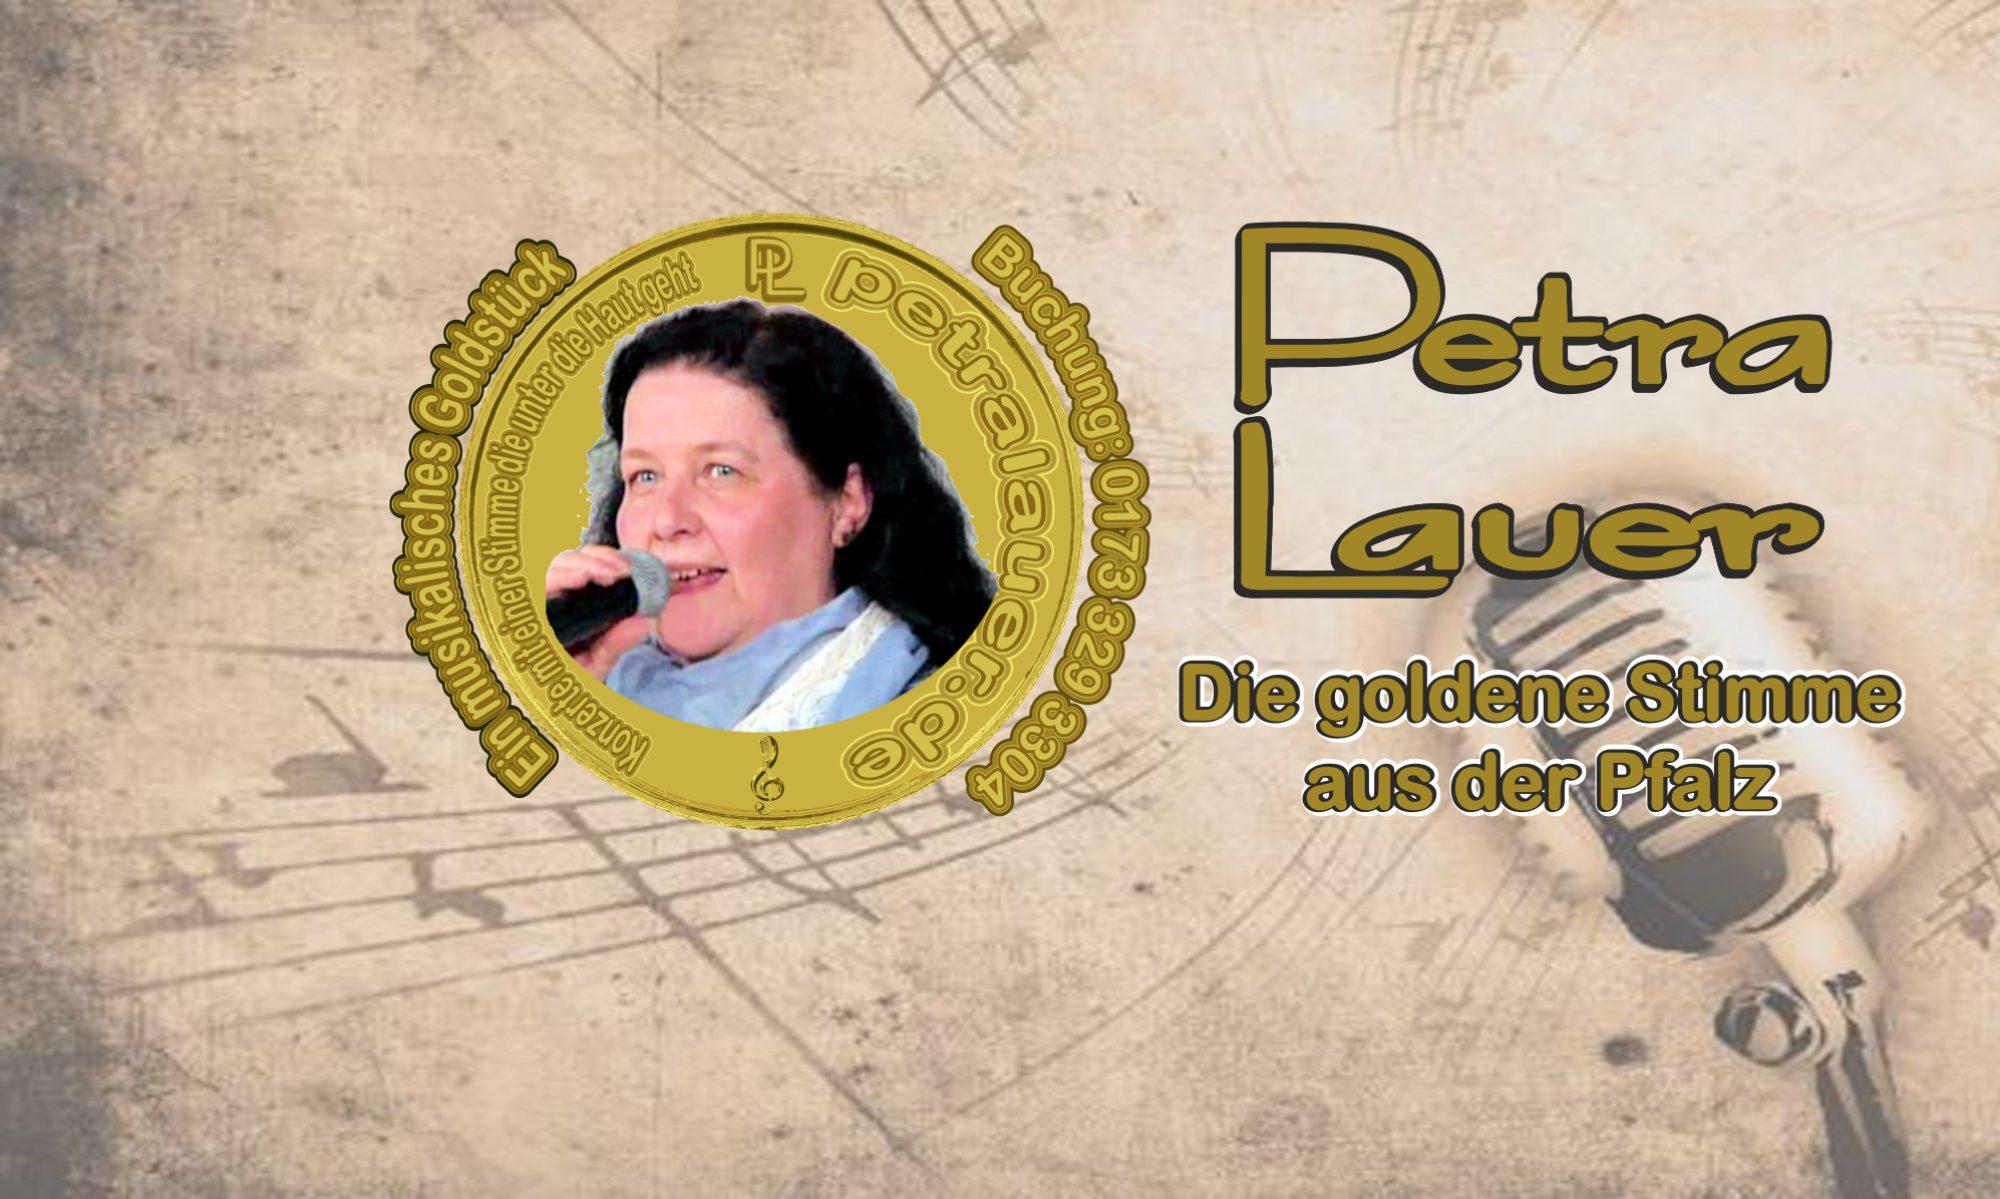 Petra Lauer